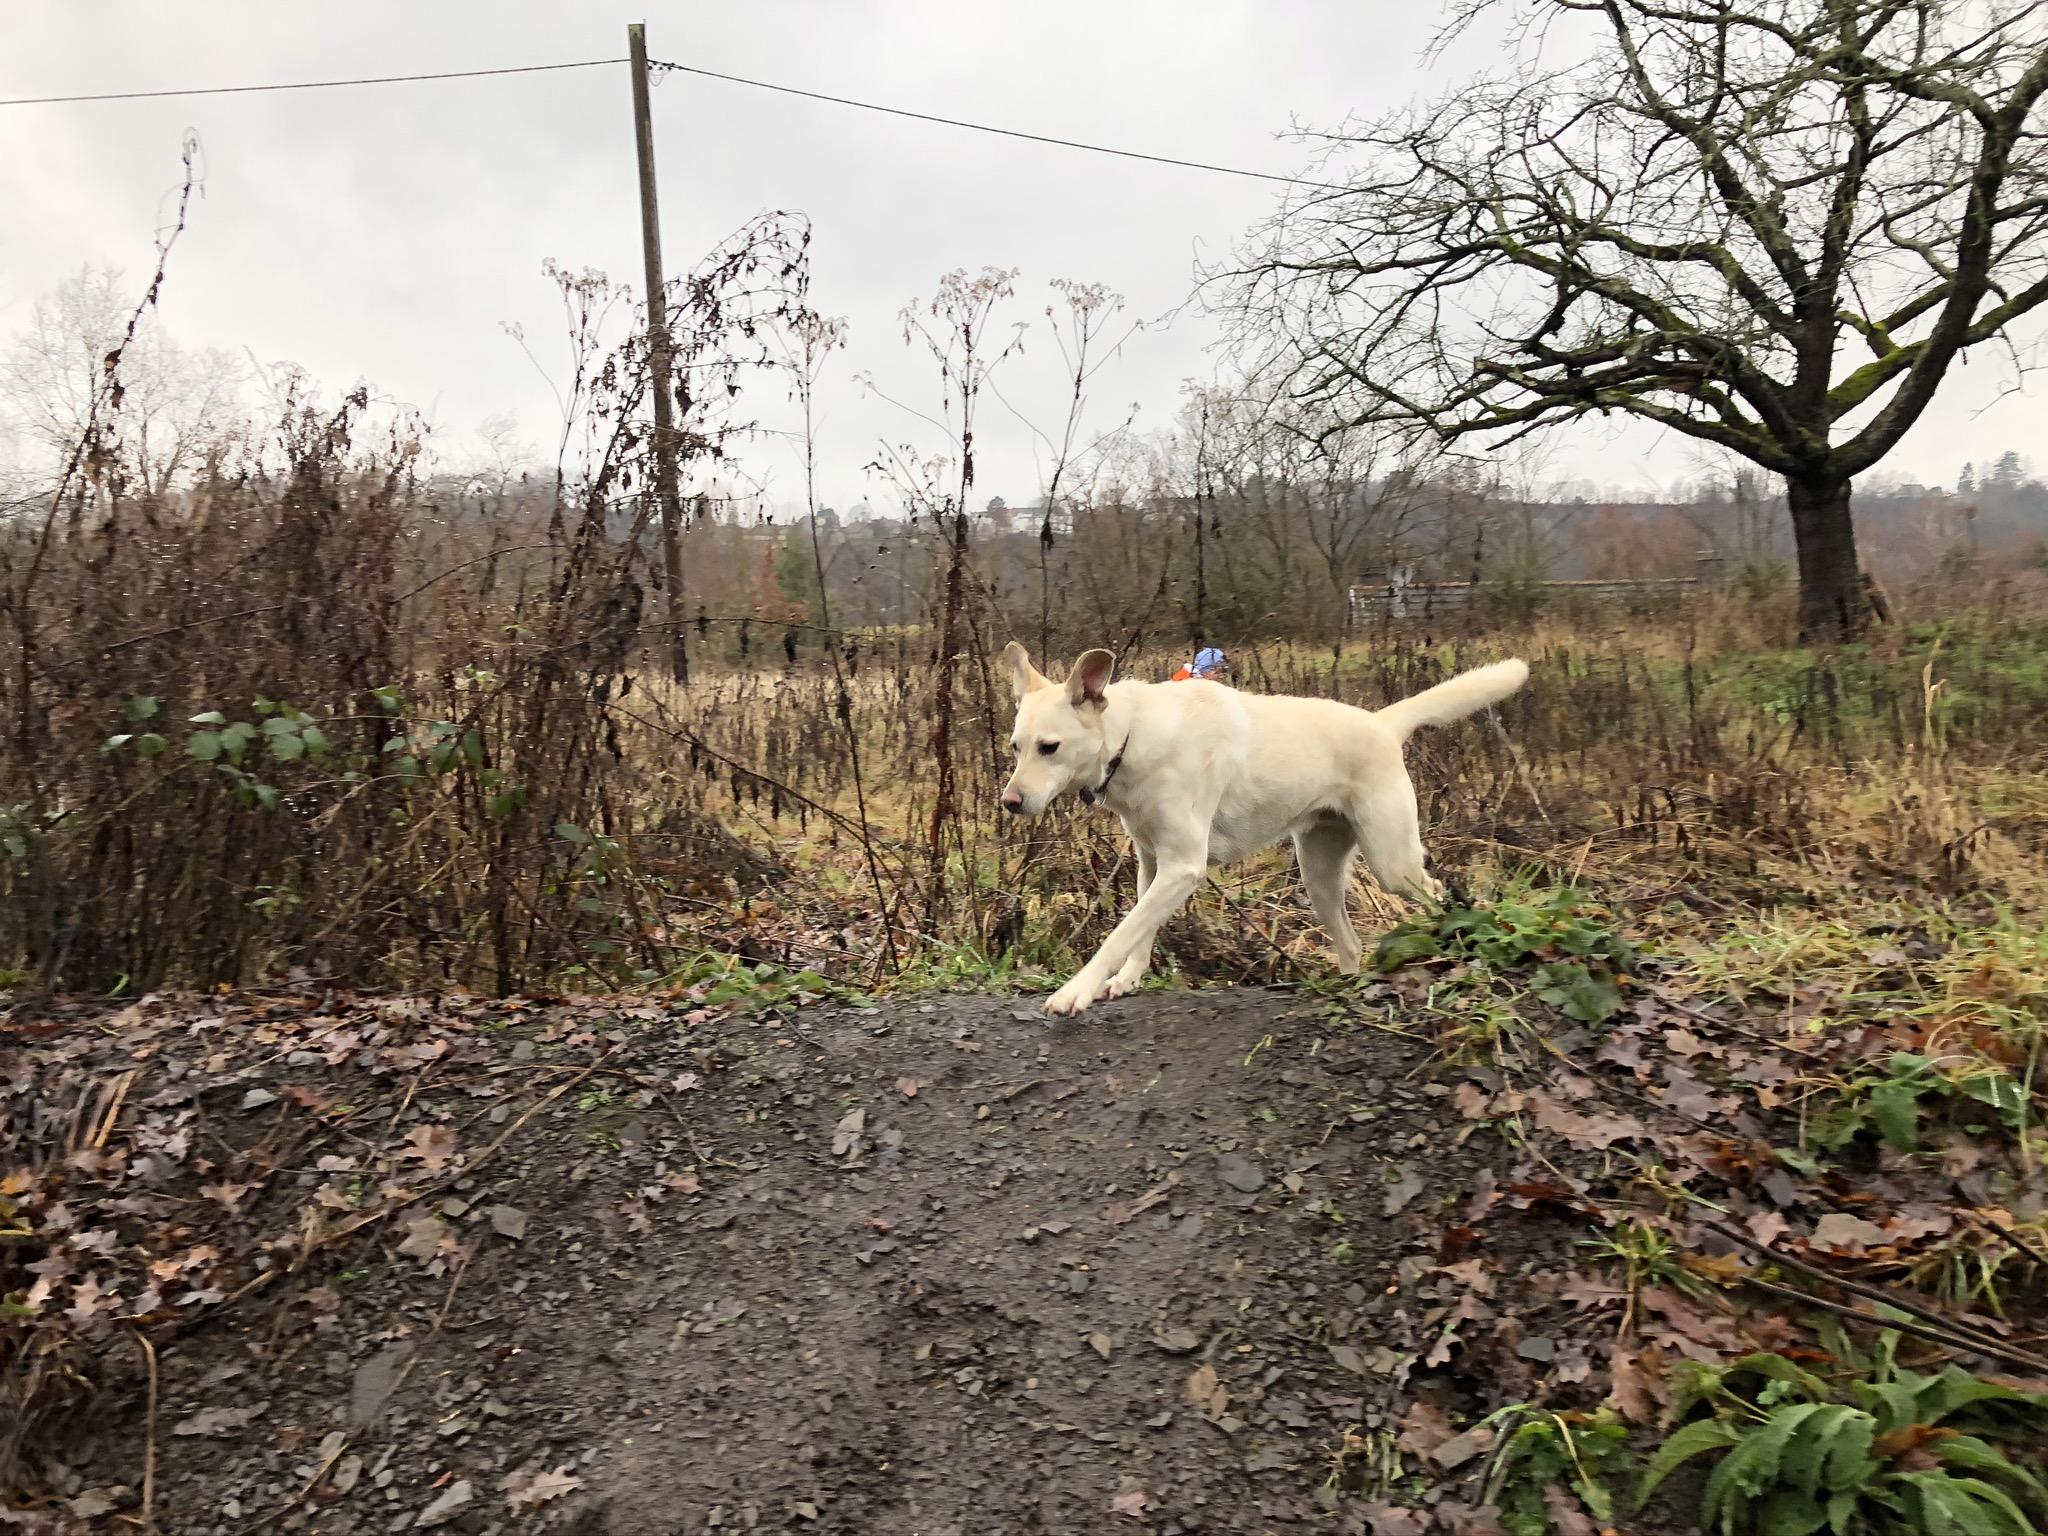 Hund auf dem Spaziergang Richtung Burgruine Hardenstein in Witten im Ruhrgebiet